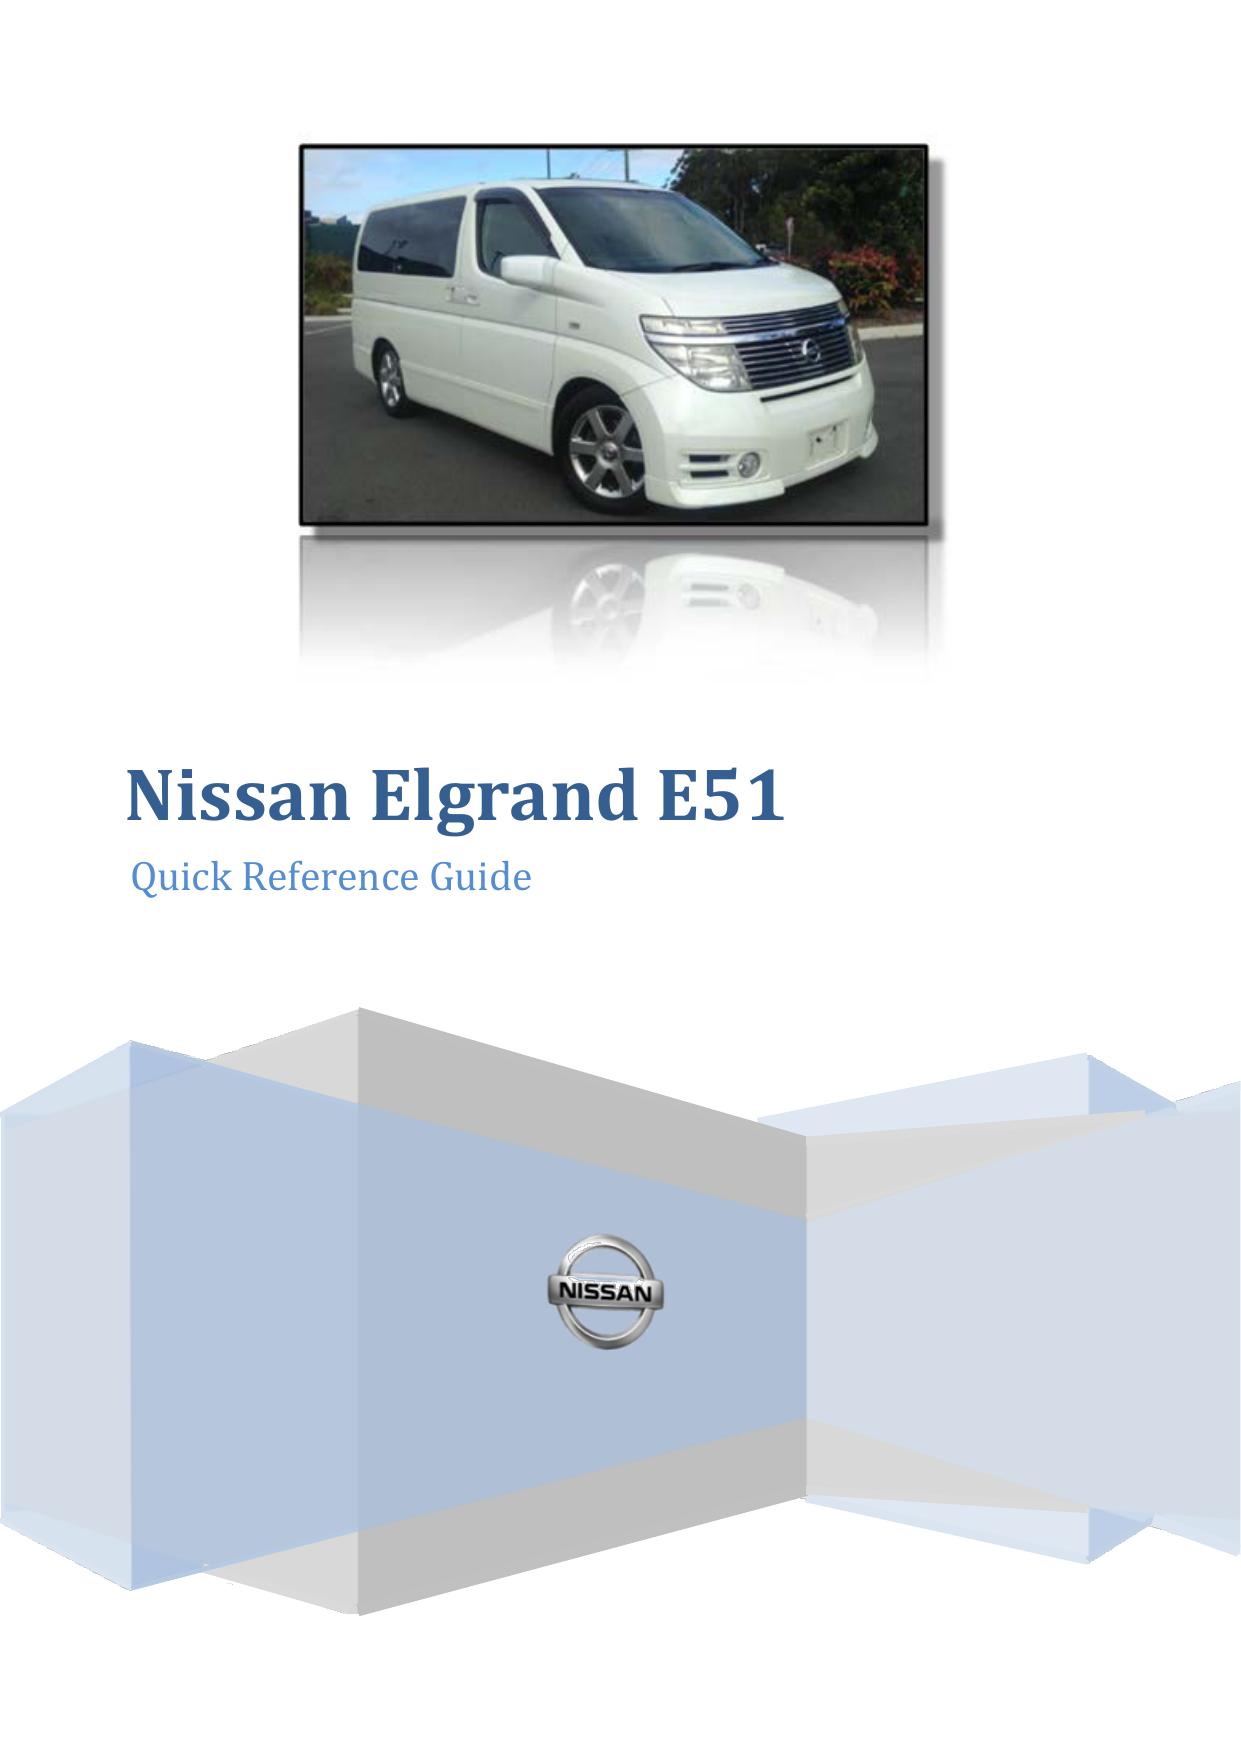 Nissan Elgrand E51 Fuse Box Diagram